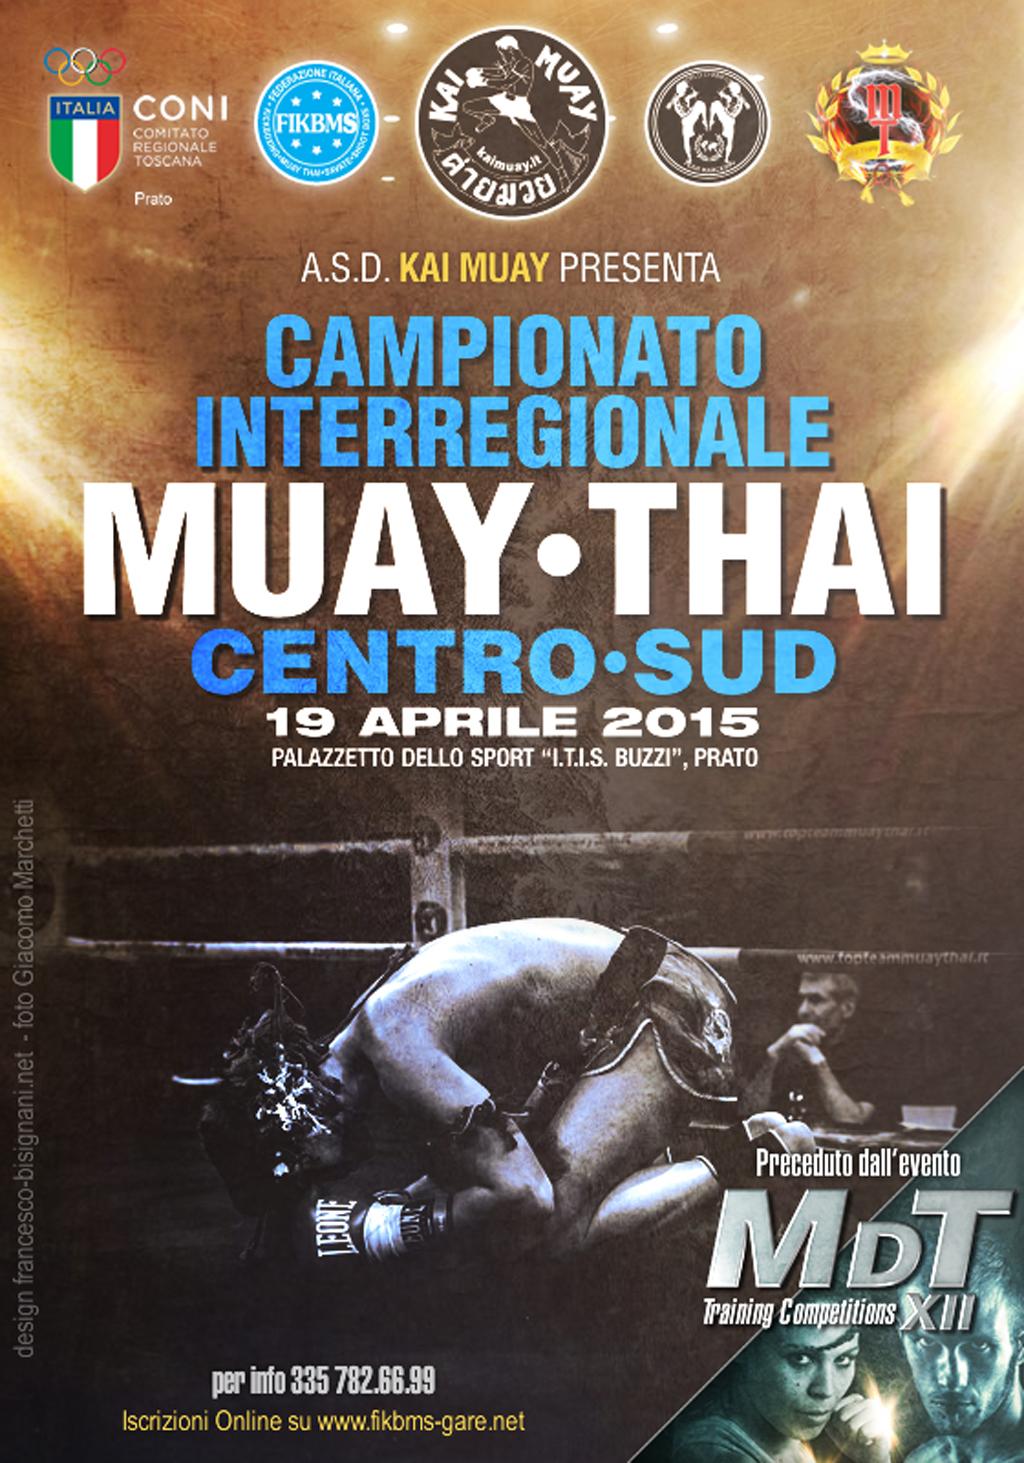 INTERREGIONALE MUAY THAI